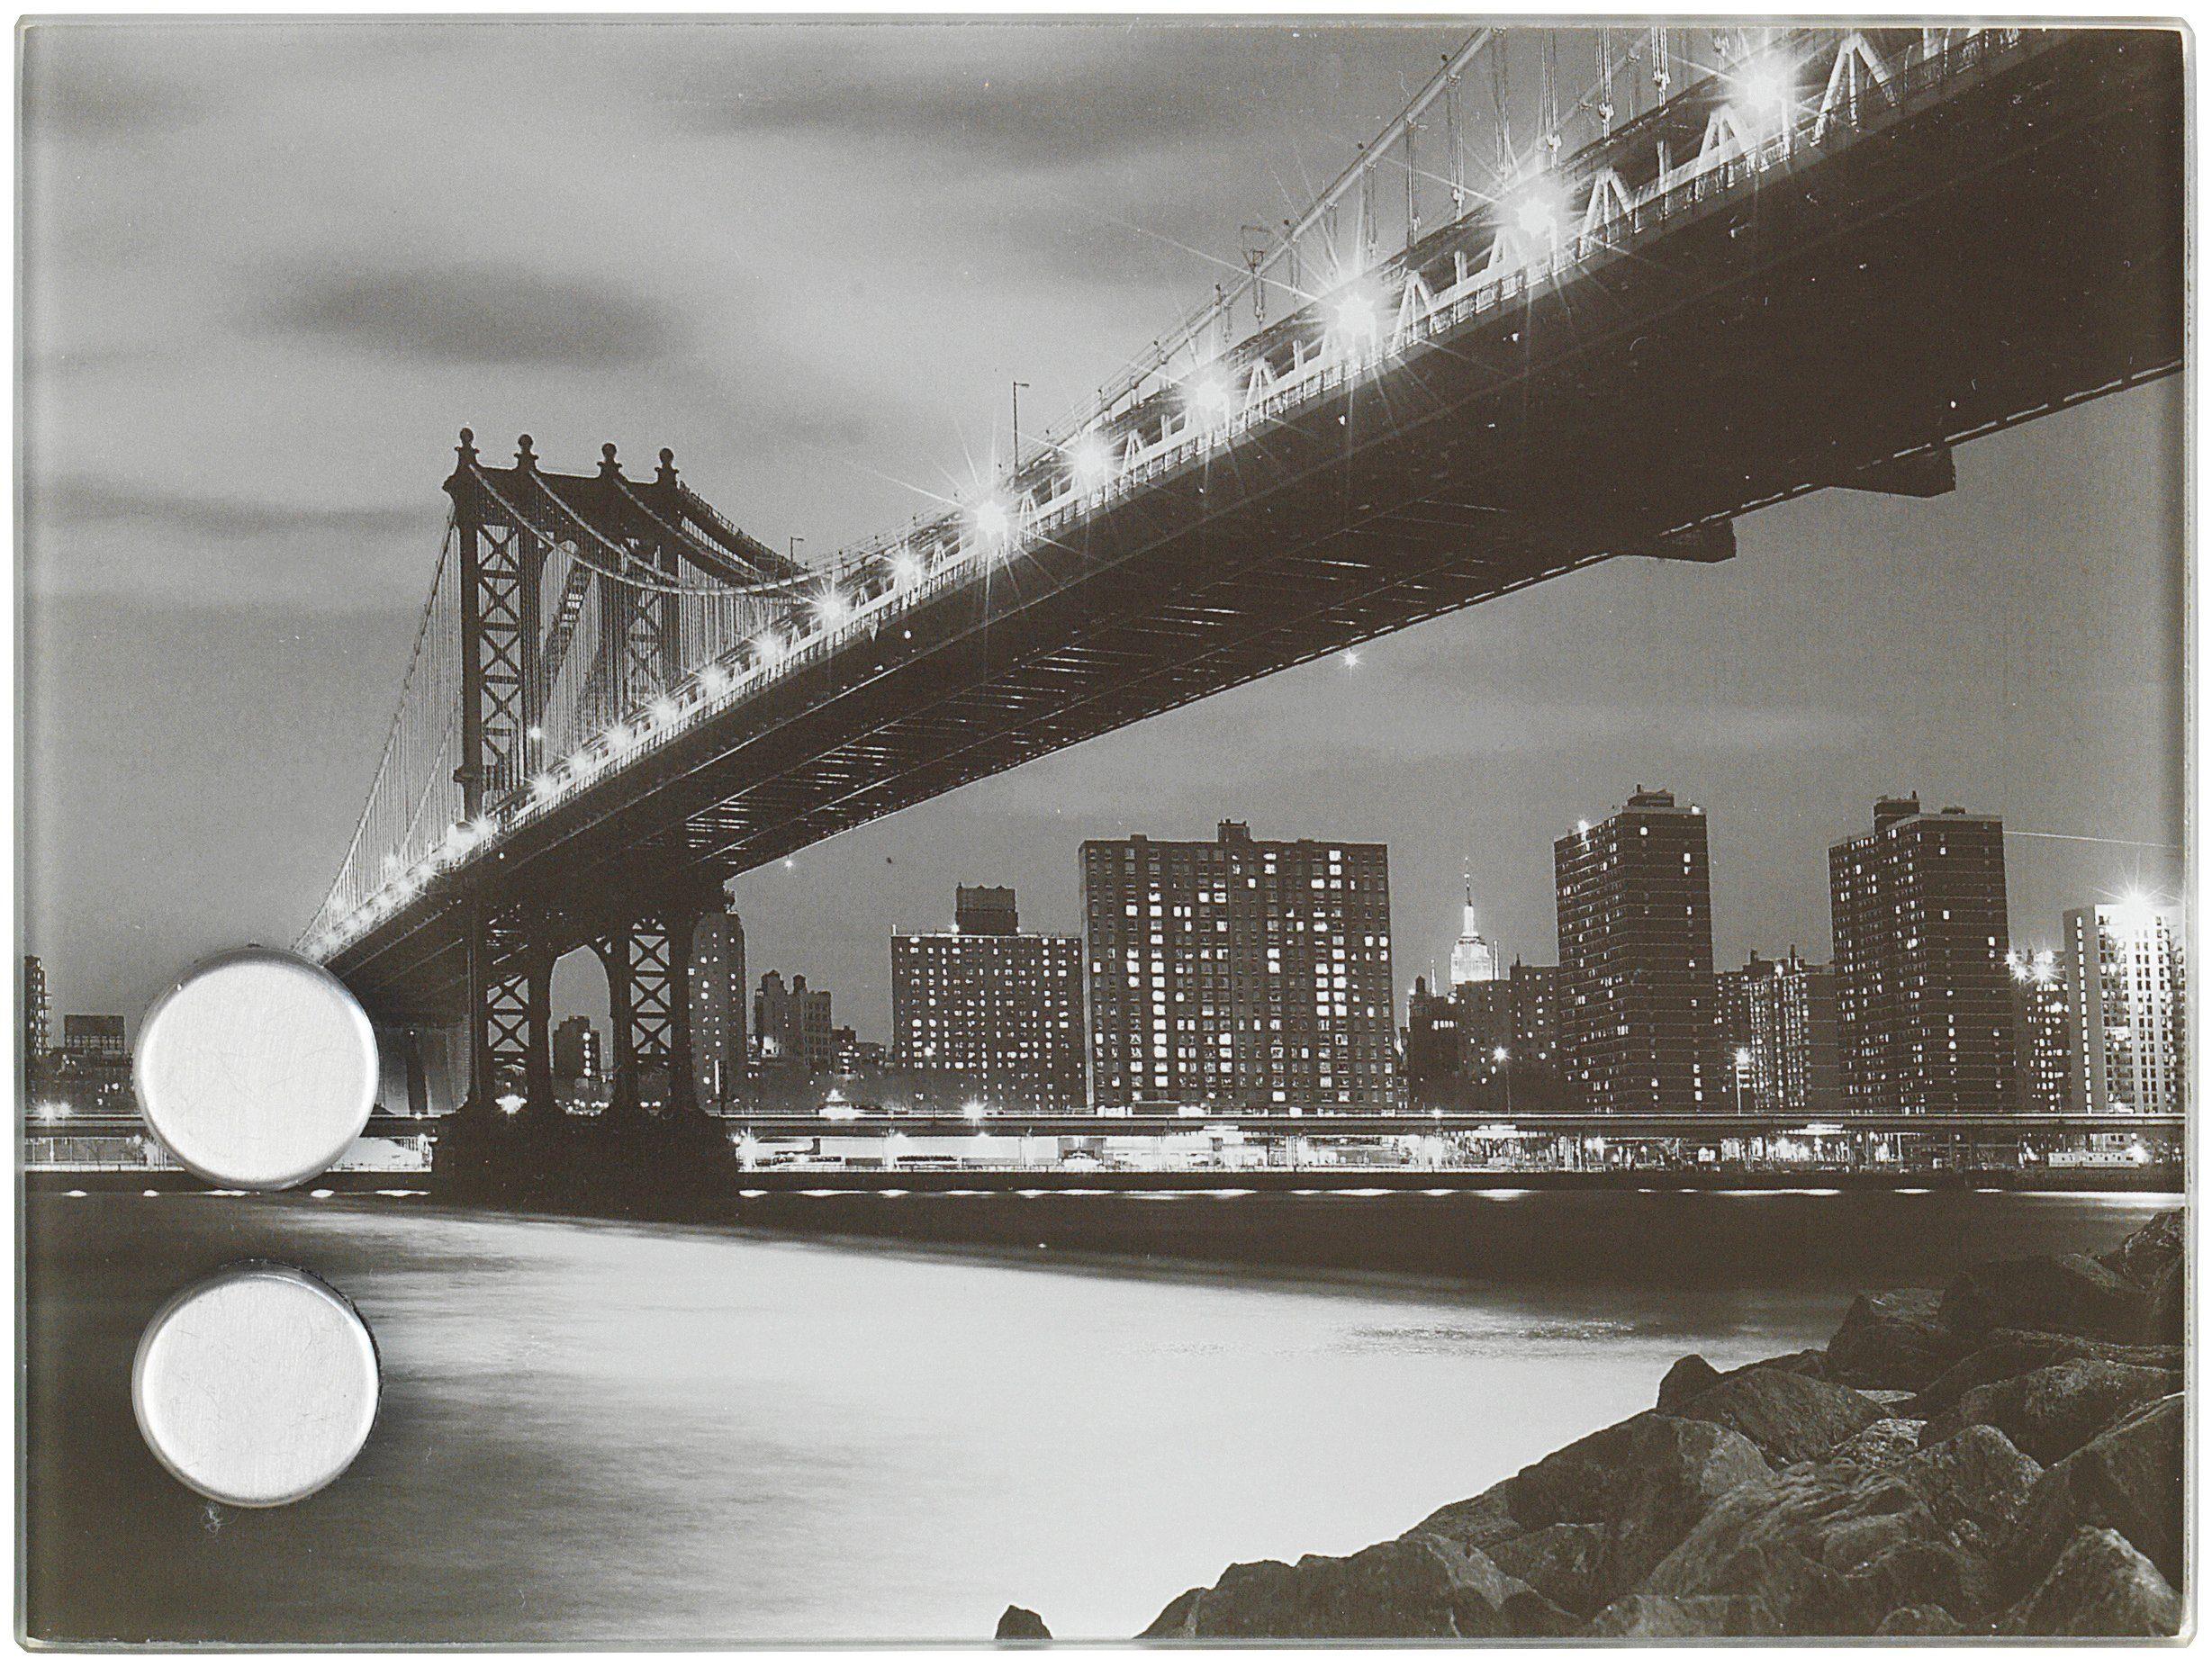 WENKO Schlüsselkasten »Manhattan Bridge« magnetisch, 20 x 15 cm